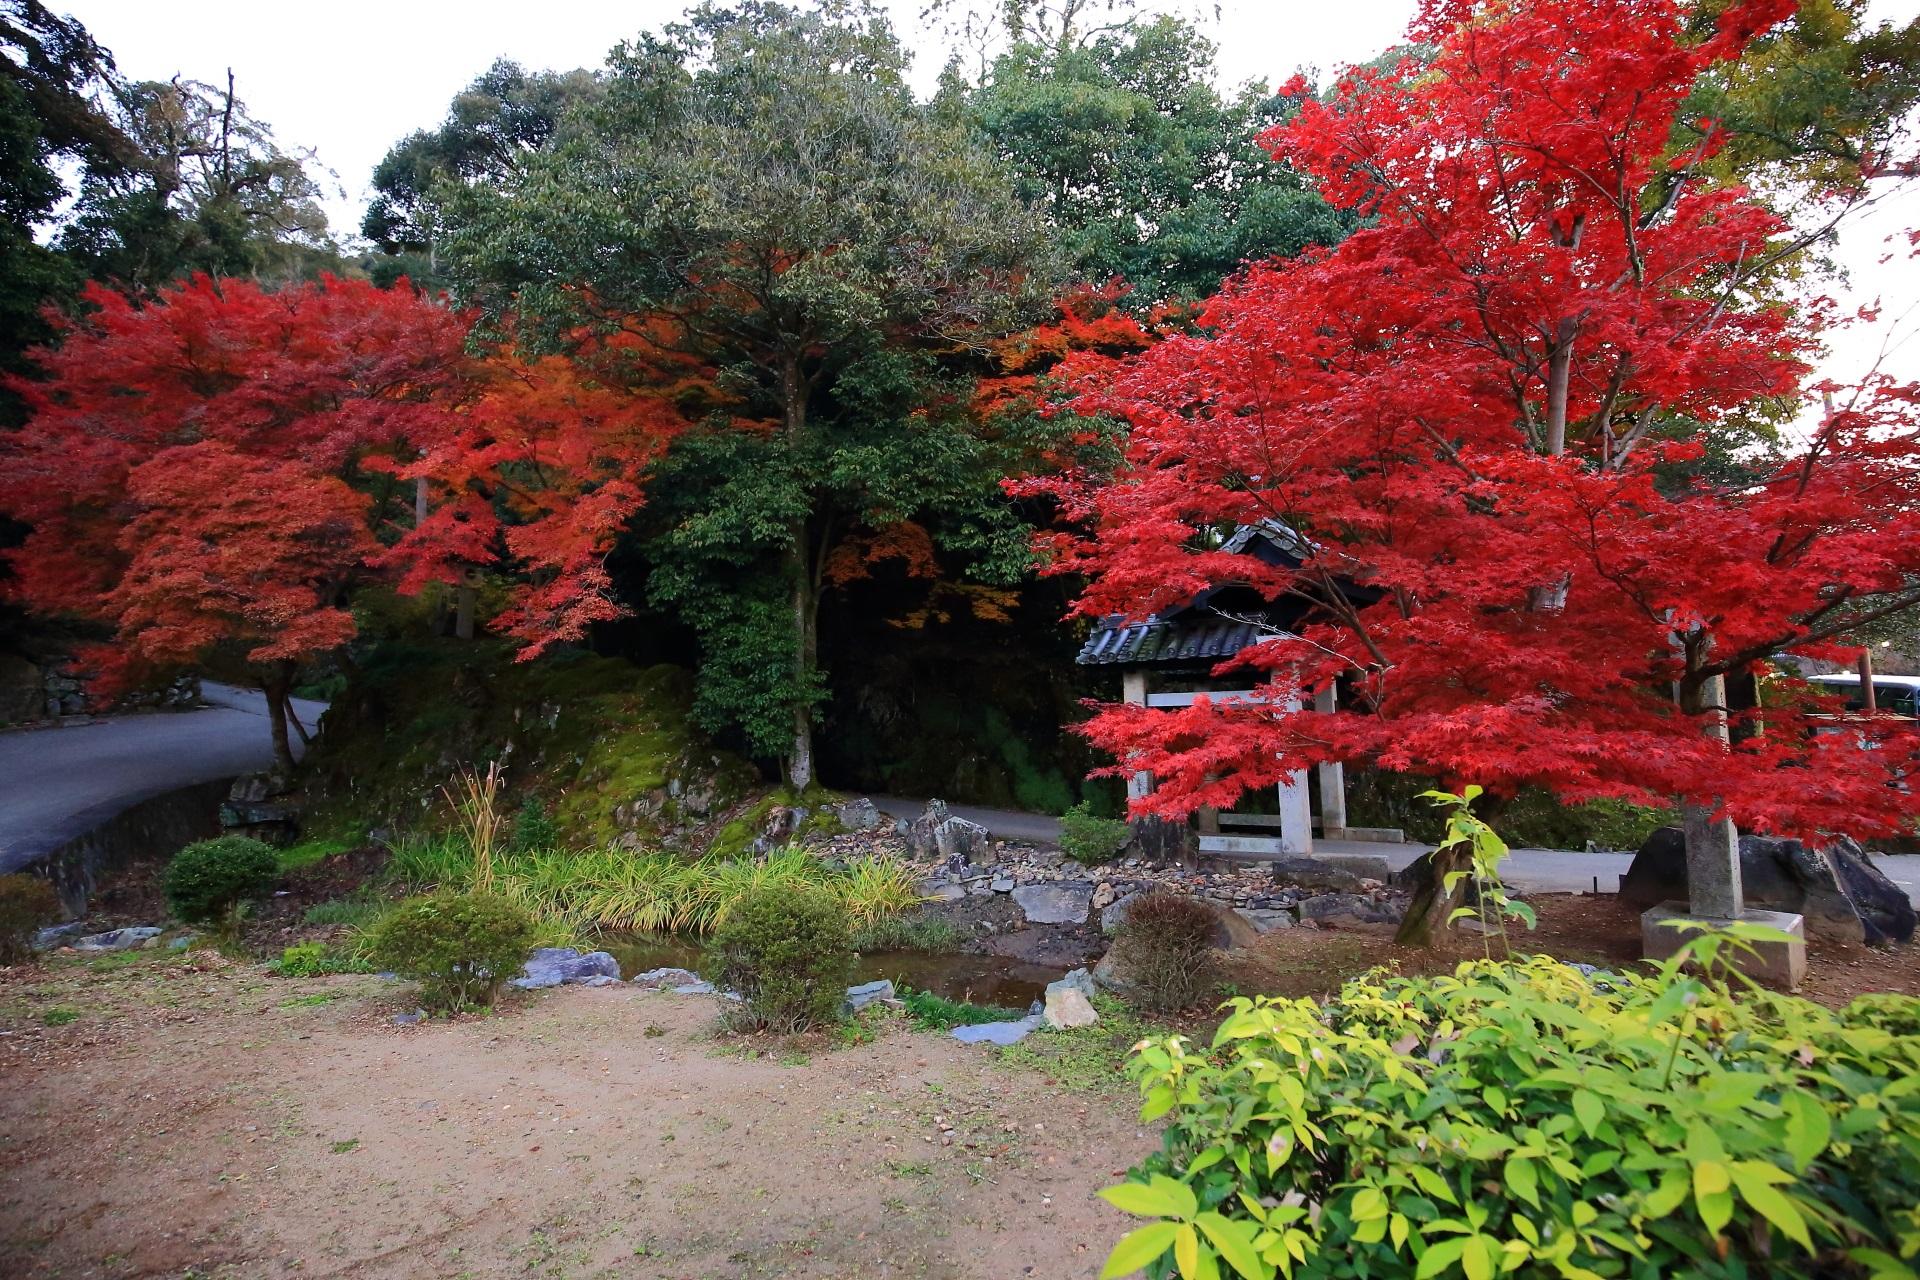 興聖寺の石門とそこから続く琴坂を彩る燃えるような紅葉